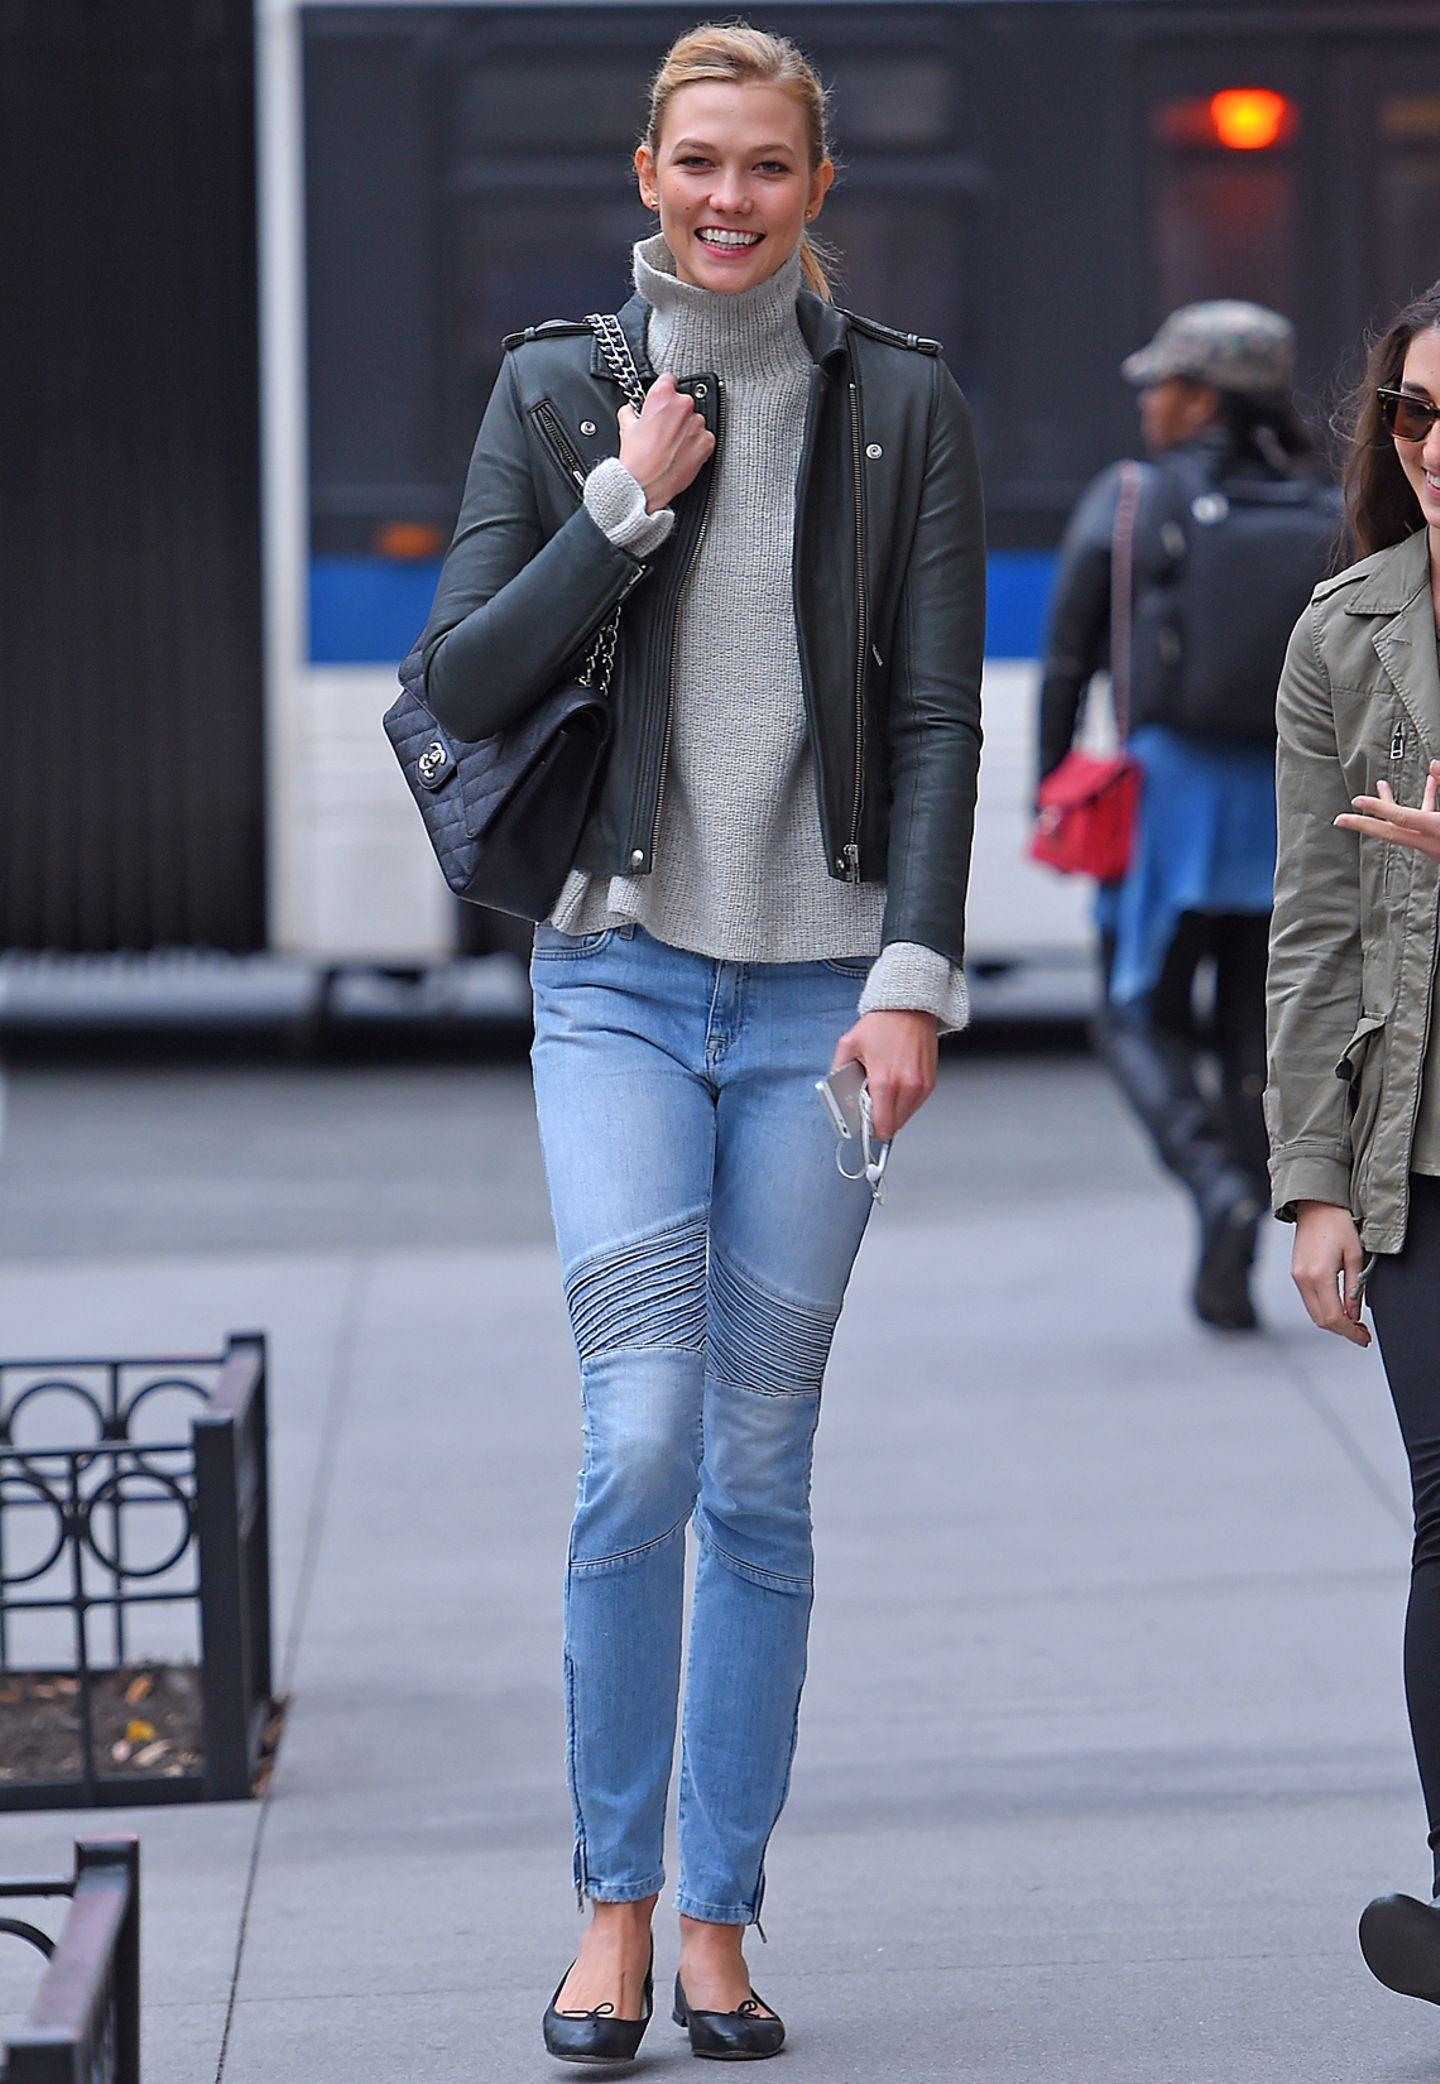 Ihren kuscheligen Rollkragen-Pullover funktioniert Karlie Kloss zum rockigen It-Piece um, indem sie dazu Lederacke und Bikerhose trägt. Ihre Tasche von Chanel versprüht zusätzlich einen Hauch von Glamour.